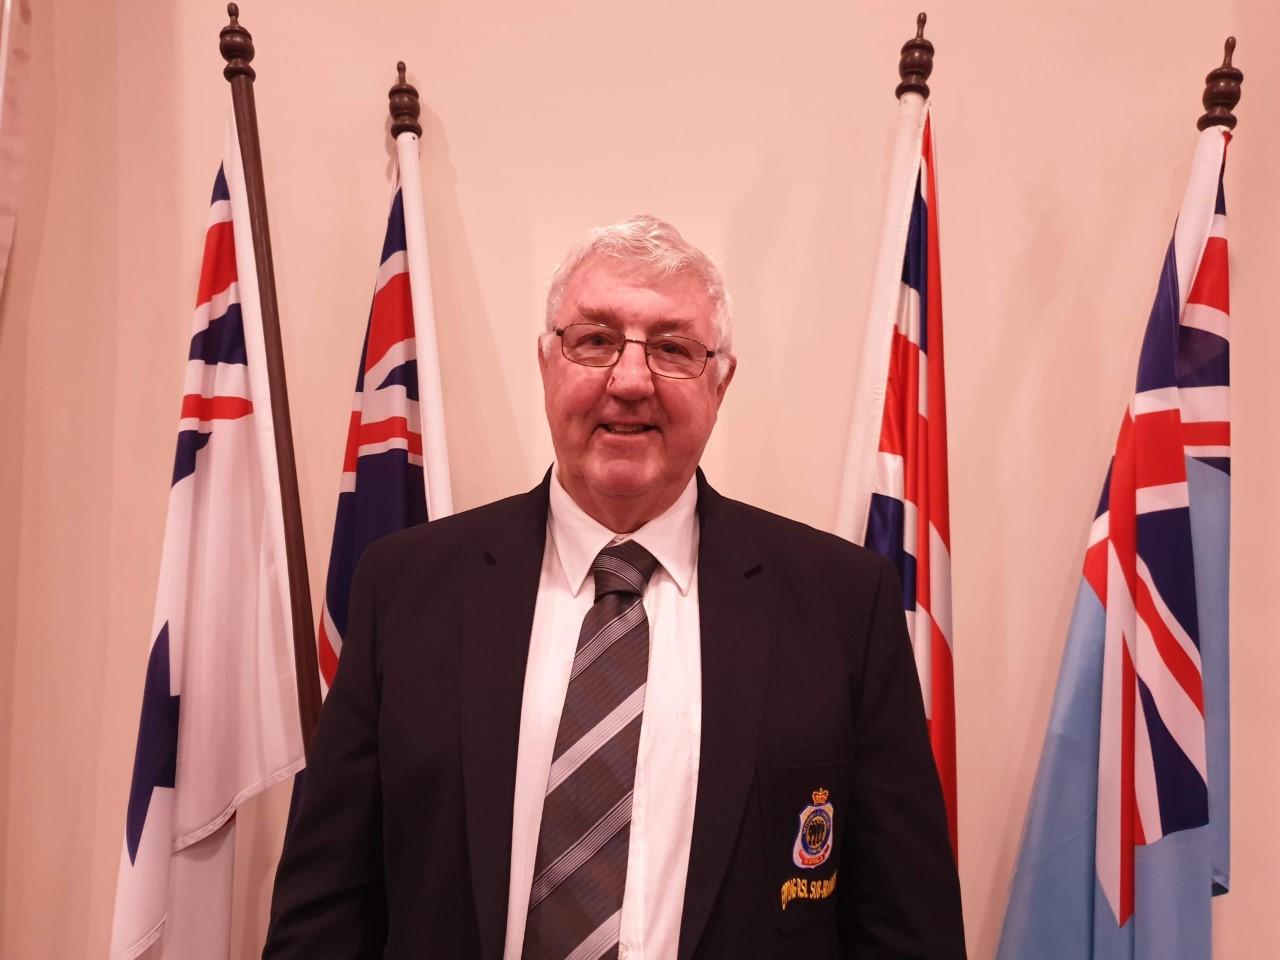 Mr Peter Egan